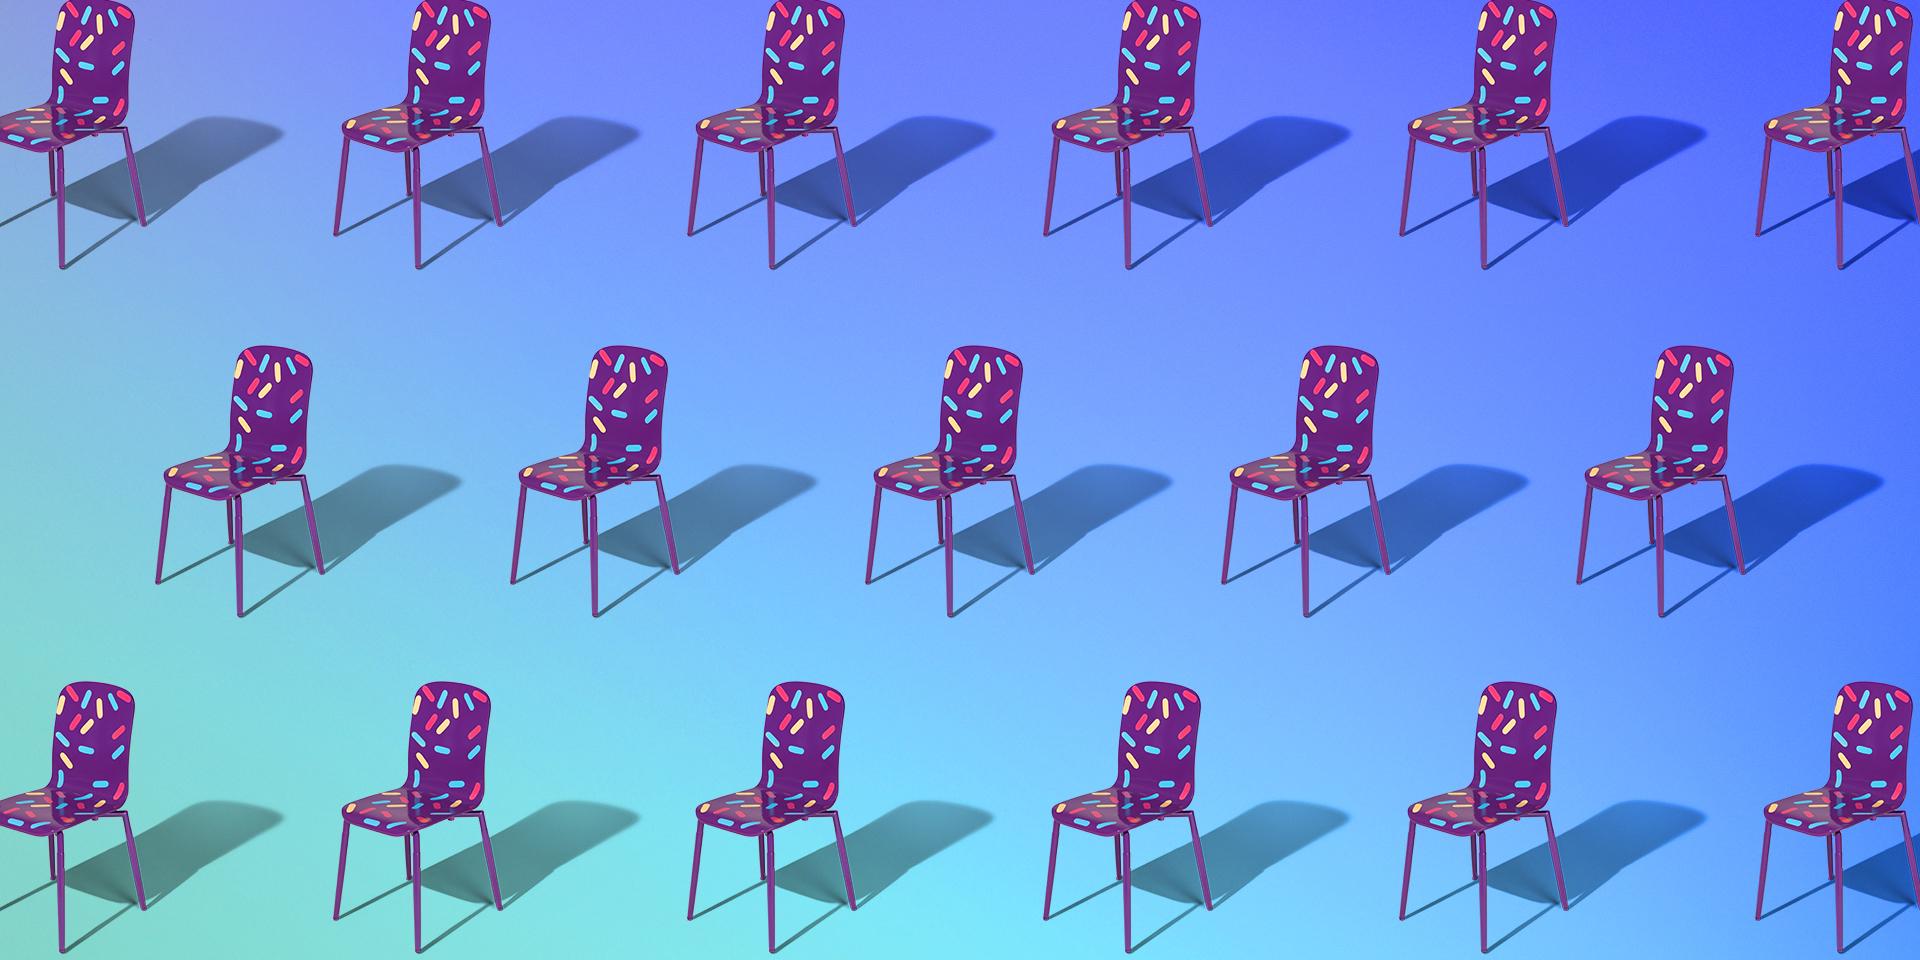 Chairs_6.jpg